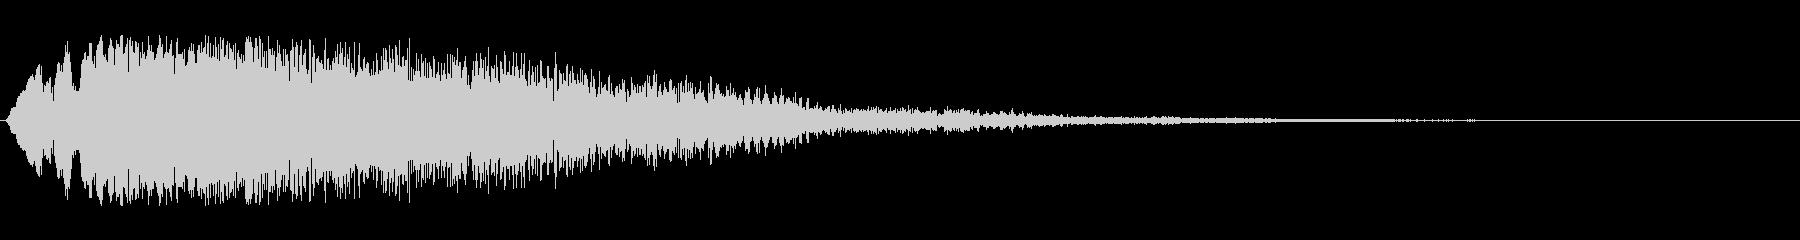 キラキラ流れ星(ダウン)の未再生の波形